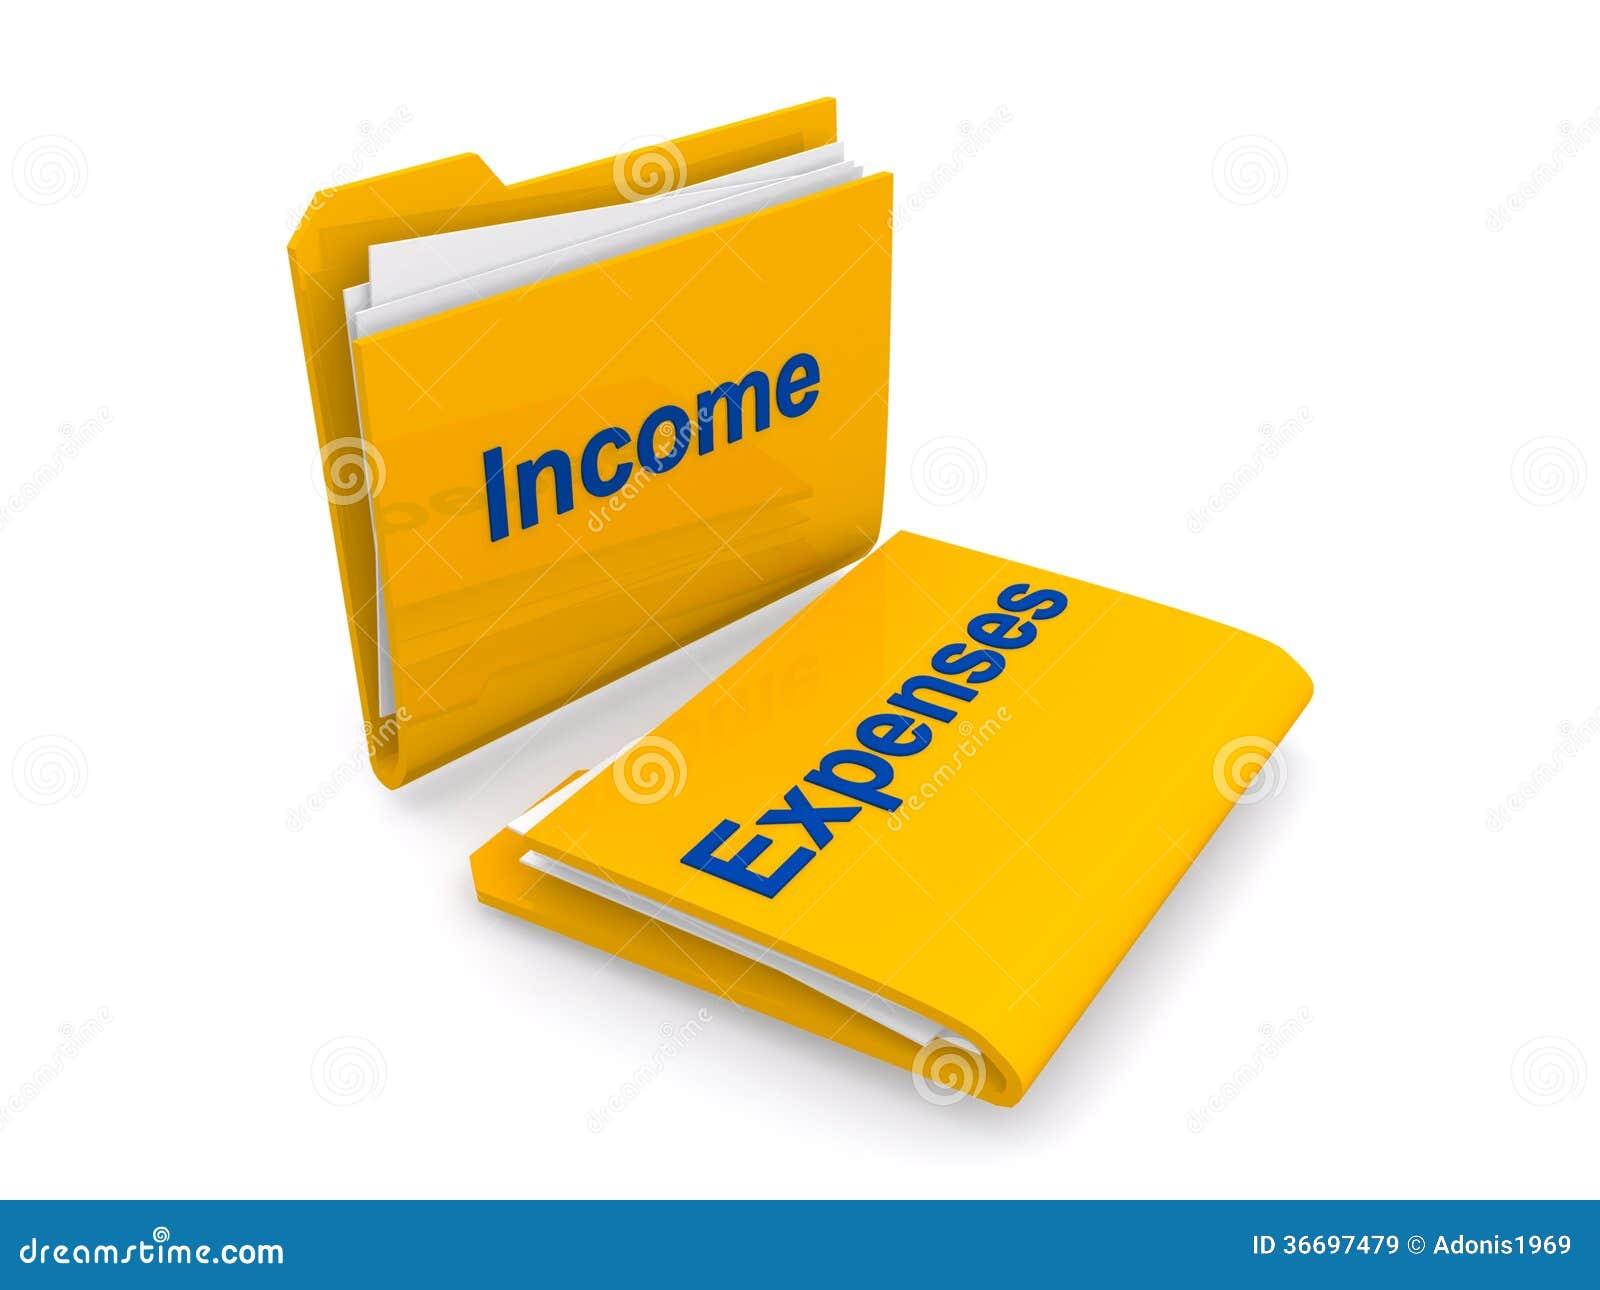 income vs expense